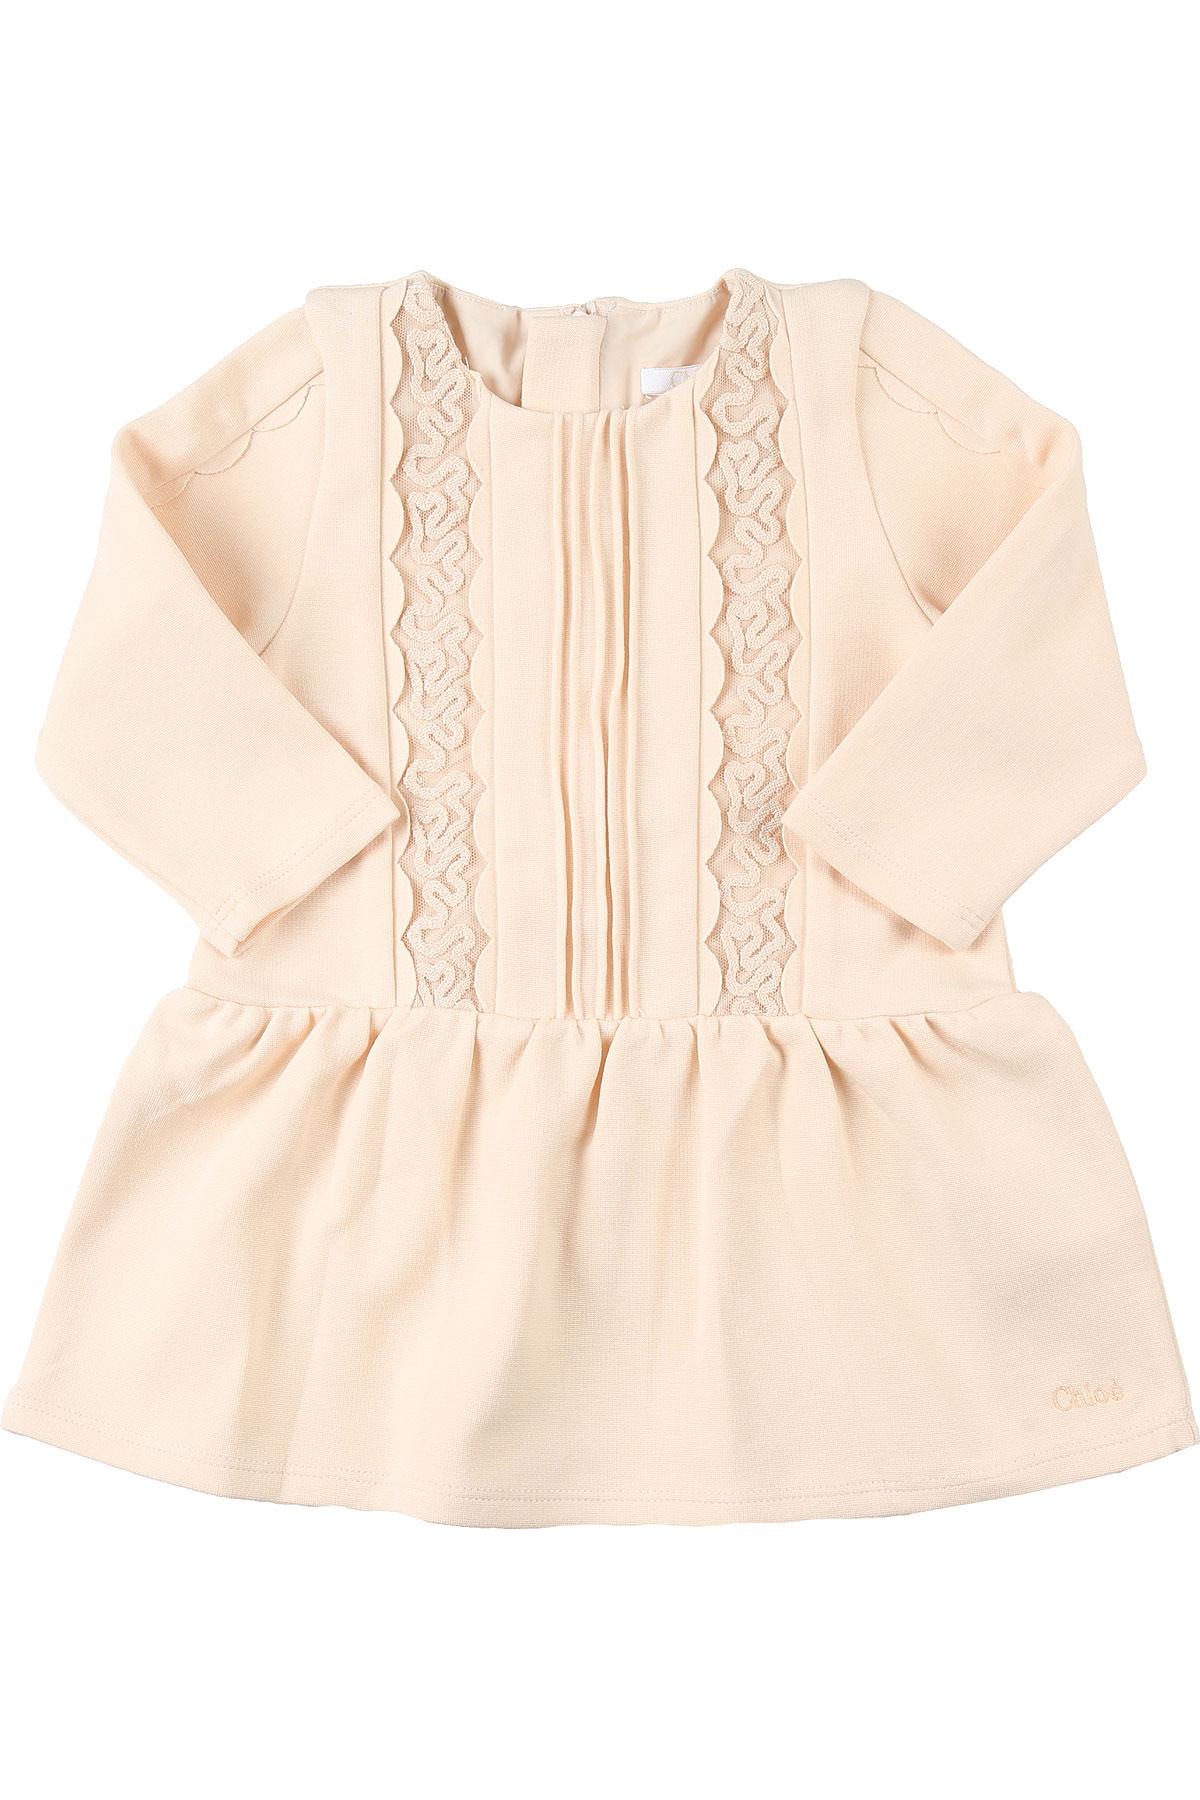 Chloe Baby Dress for Girls On Sale, Powder, Cotton, 2019, 12M 18M 2Y 3Y 6M 9M